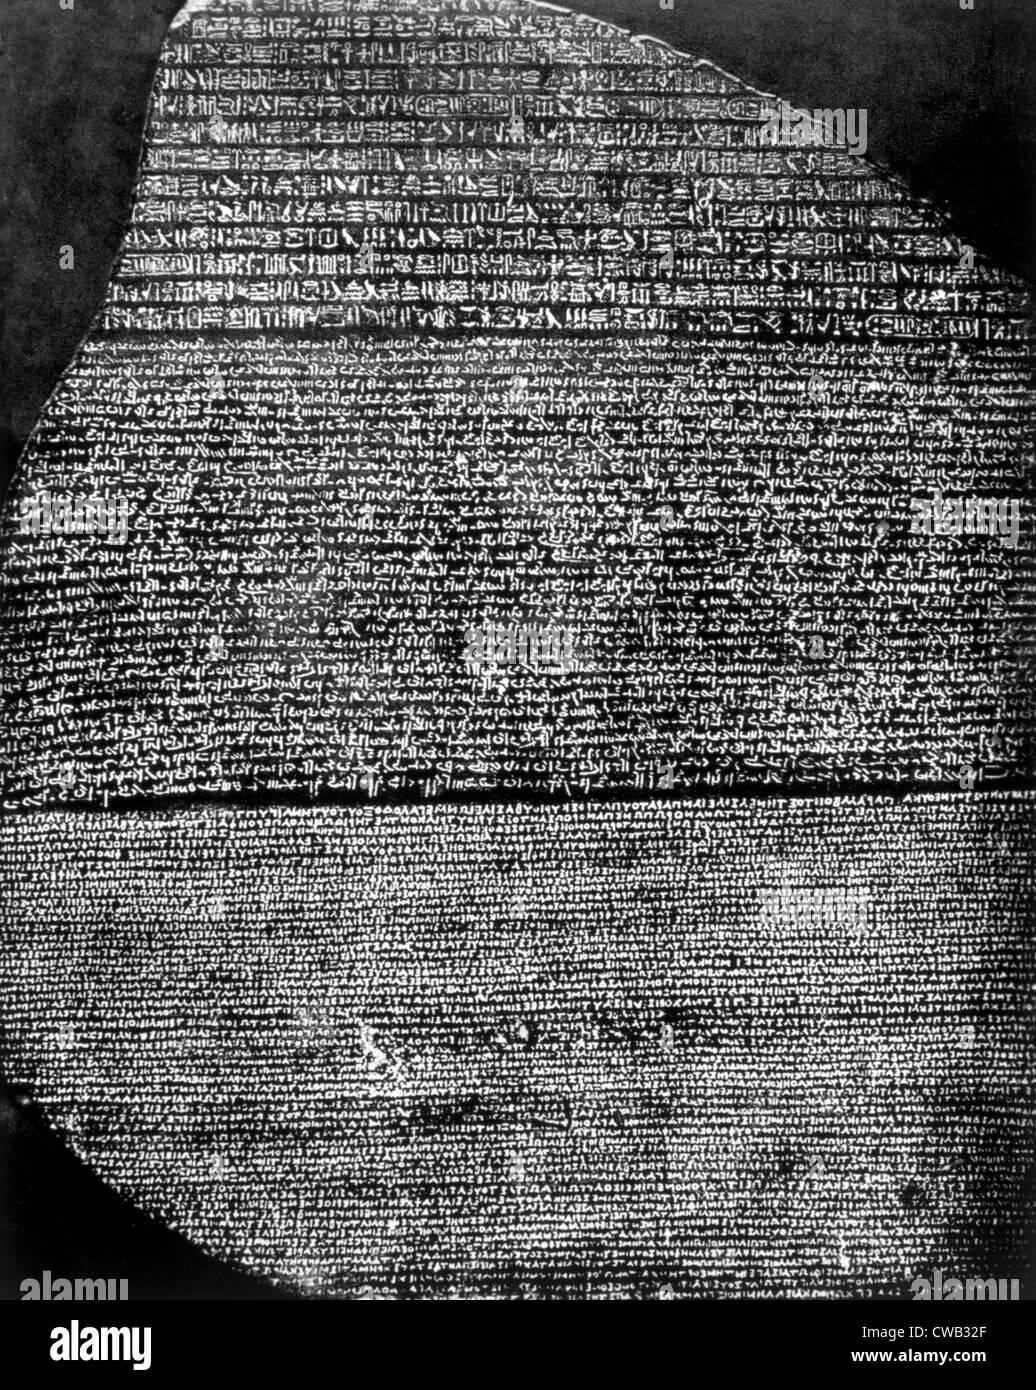 La piedra de Rosetta, losa de basalto inscrita por sacerdotes de Ptolomeo V en jeroglíficos, demoníaca Imagen De Stock